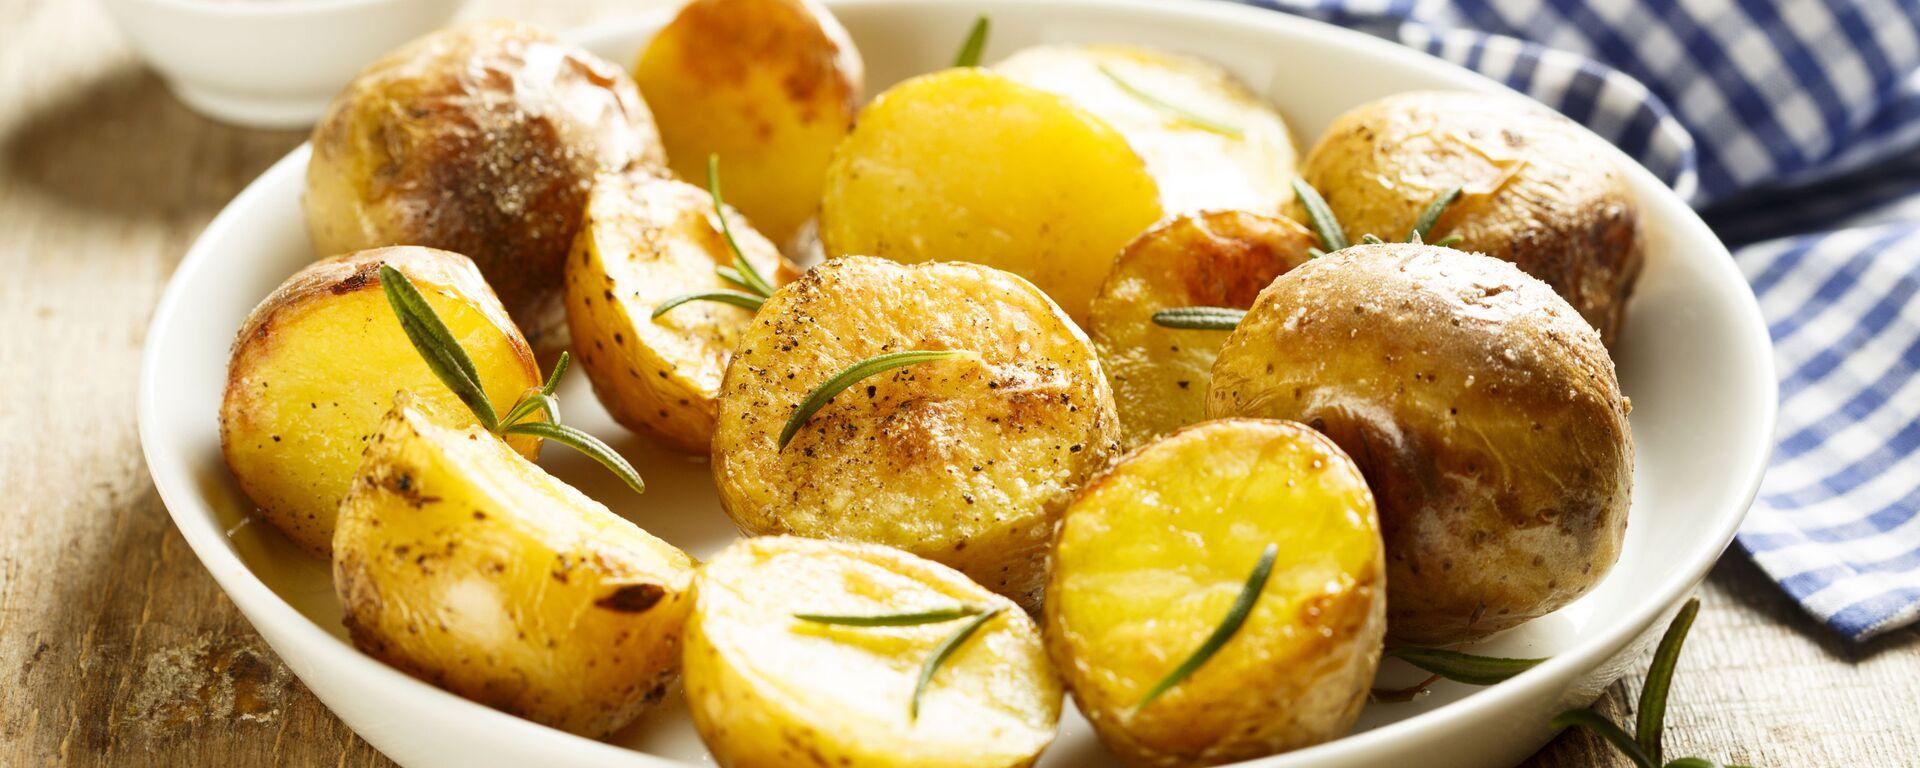 Pečené brambory s rozmarýnem - Sputnik Česká republika, 1920, 10.02.2021